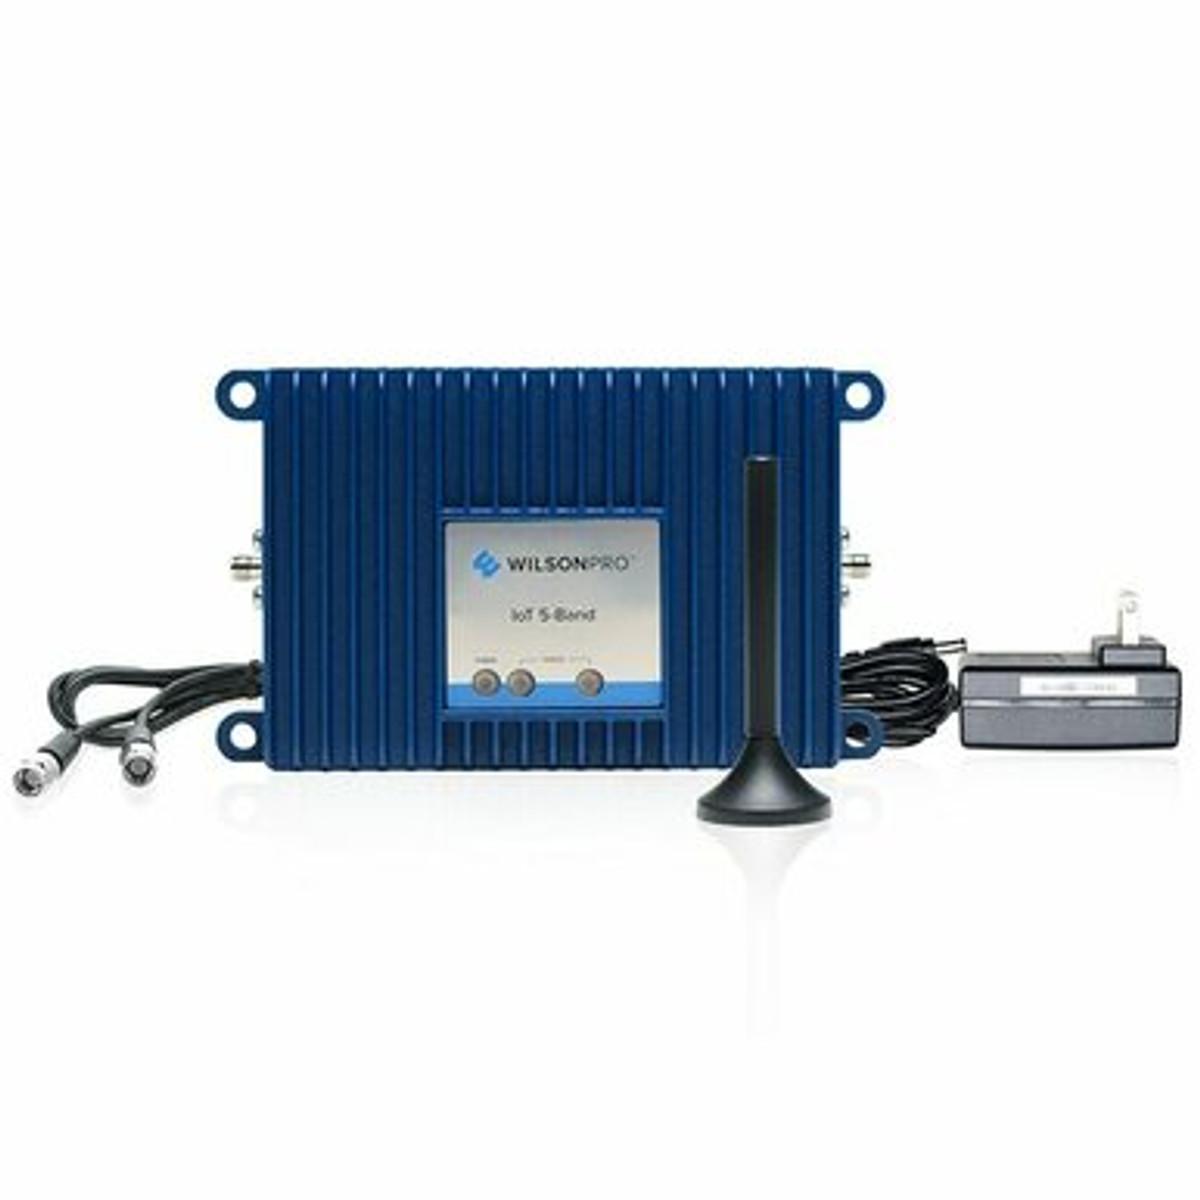 IoT 5-Band Basic Kit | 460119F